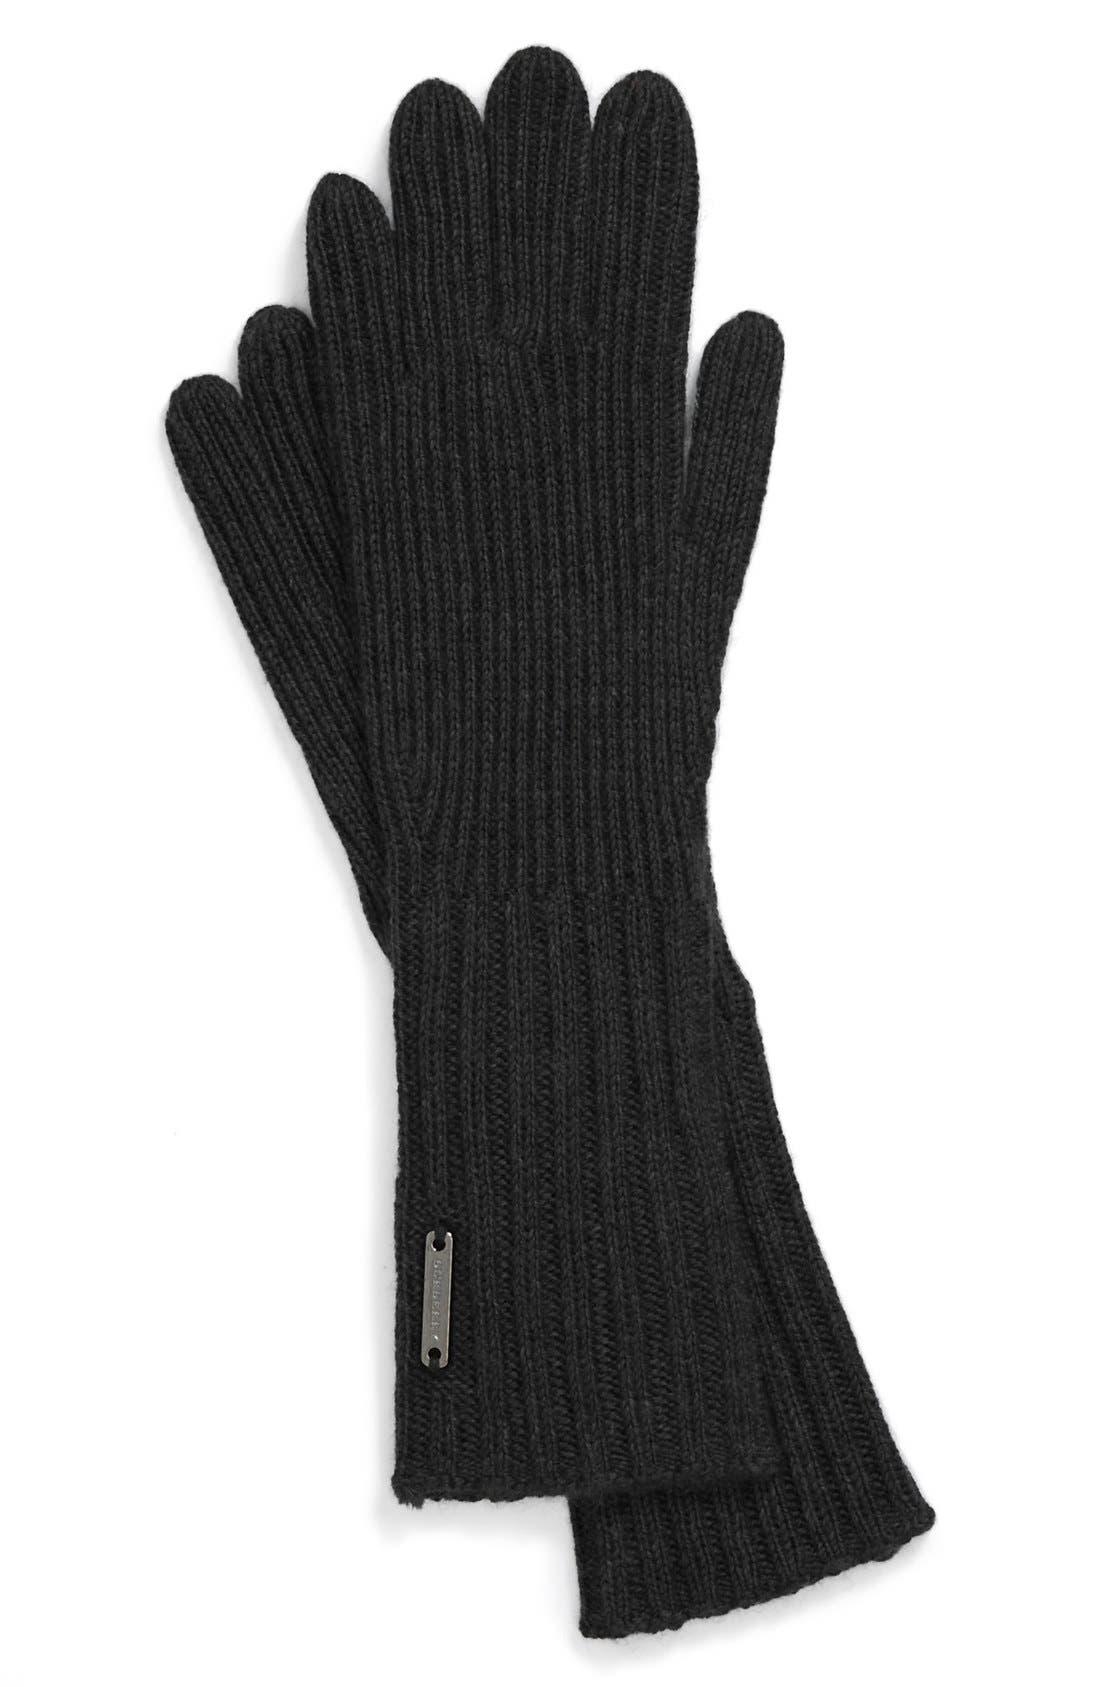 Cashmere Blend Touch Tech Knit Gloves, Main, color, 001